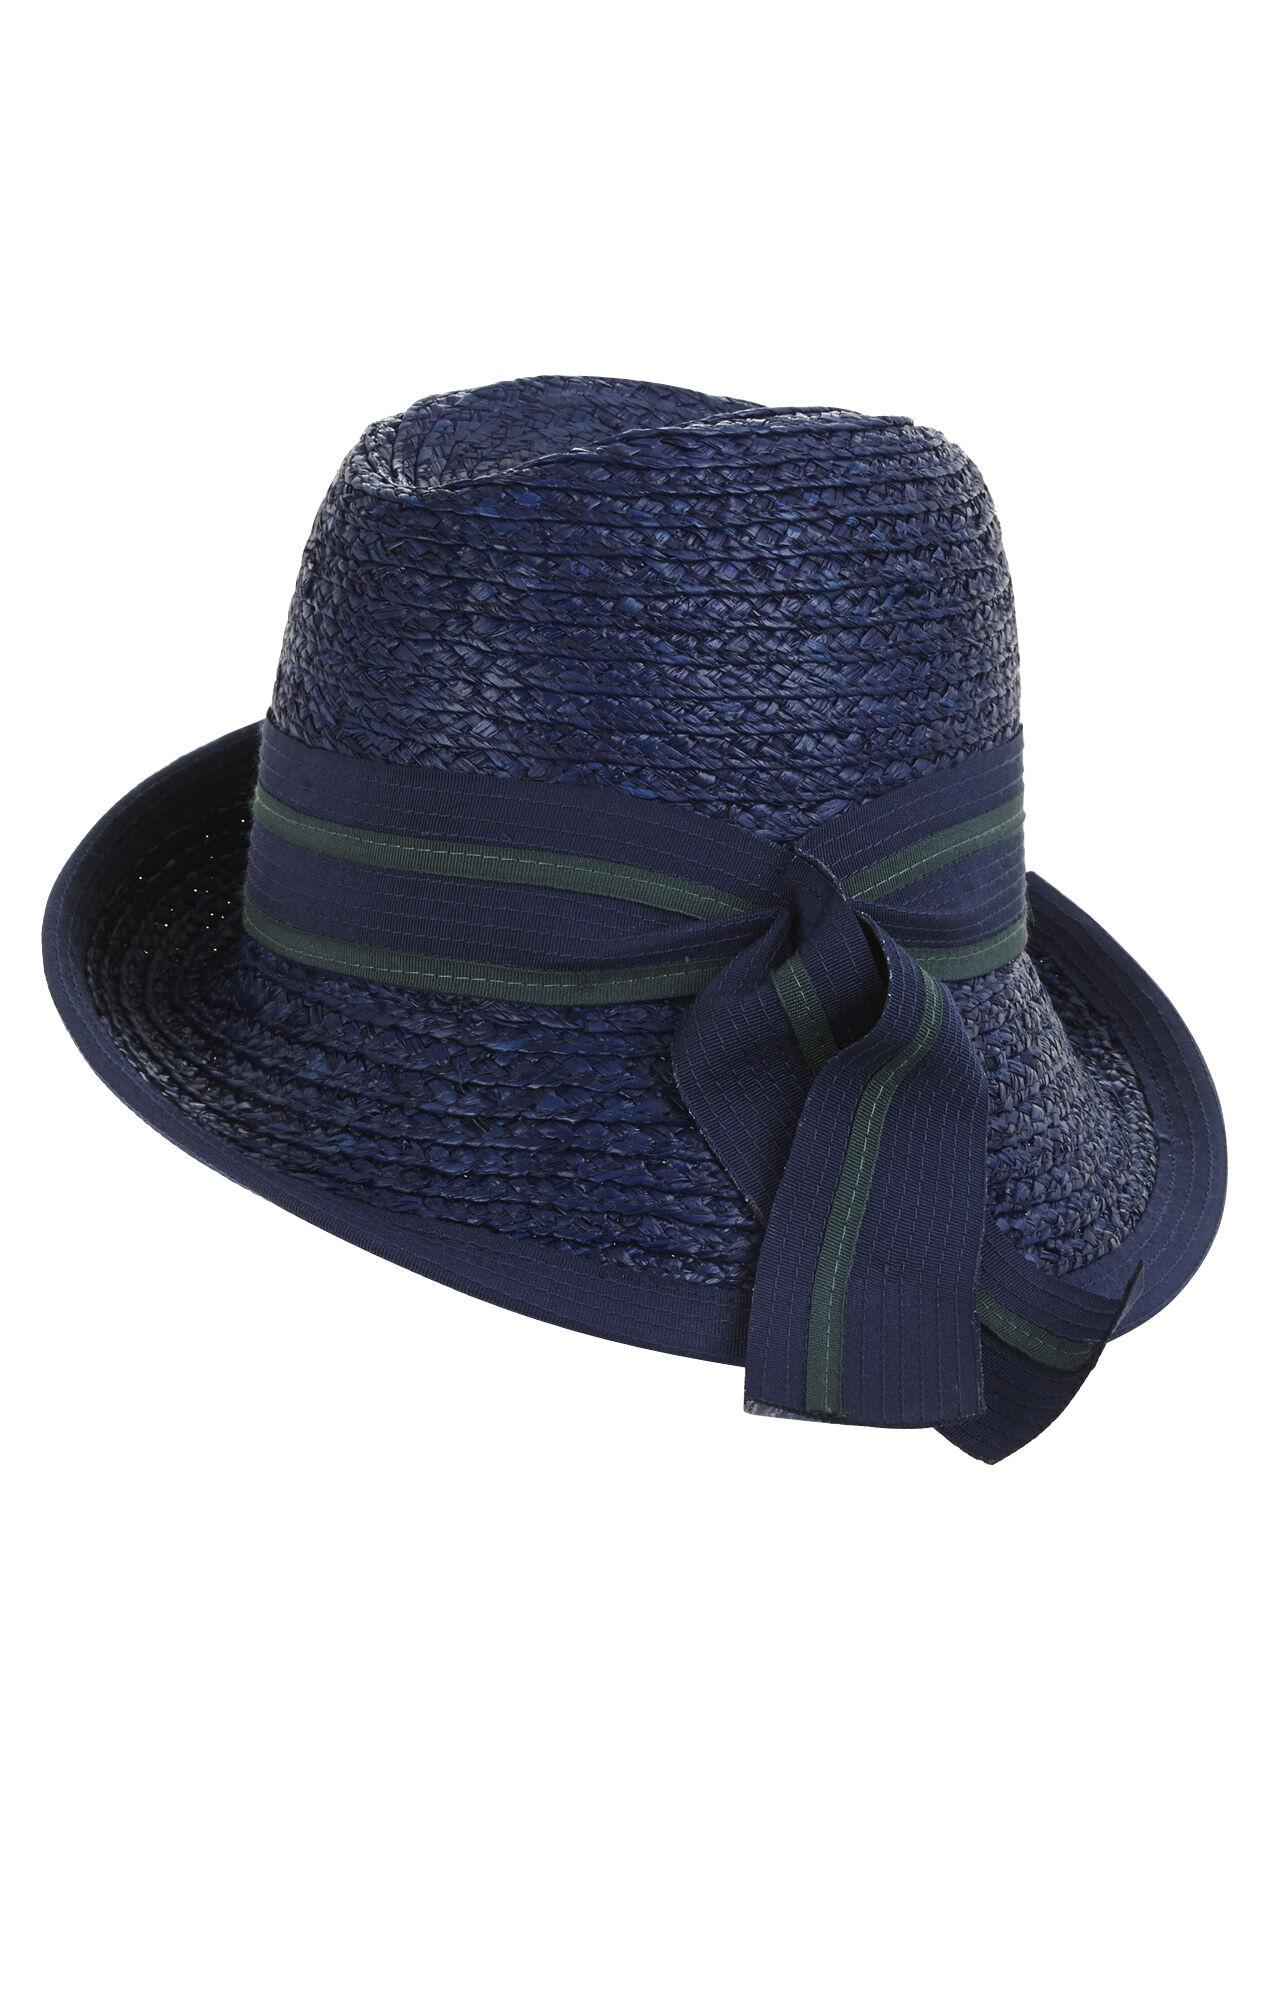 Asymmetrical-Brim Hat with Bow